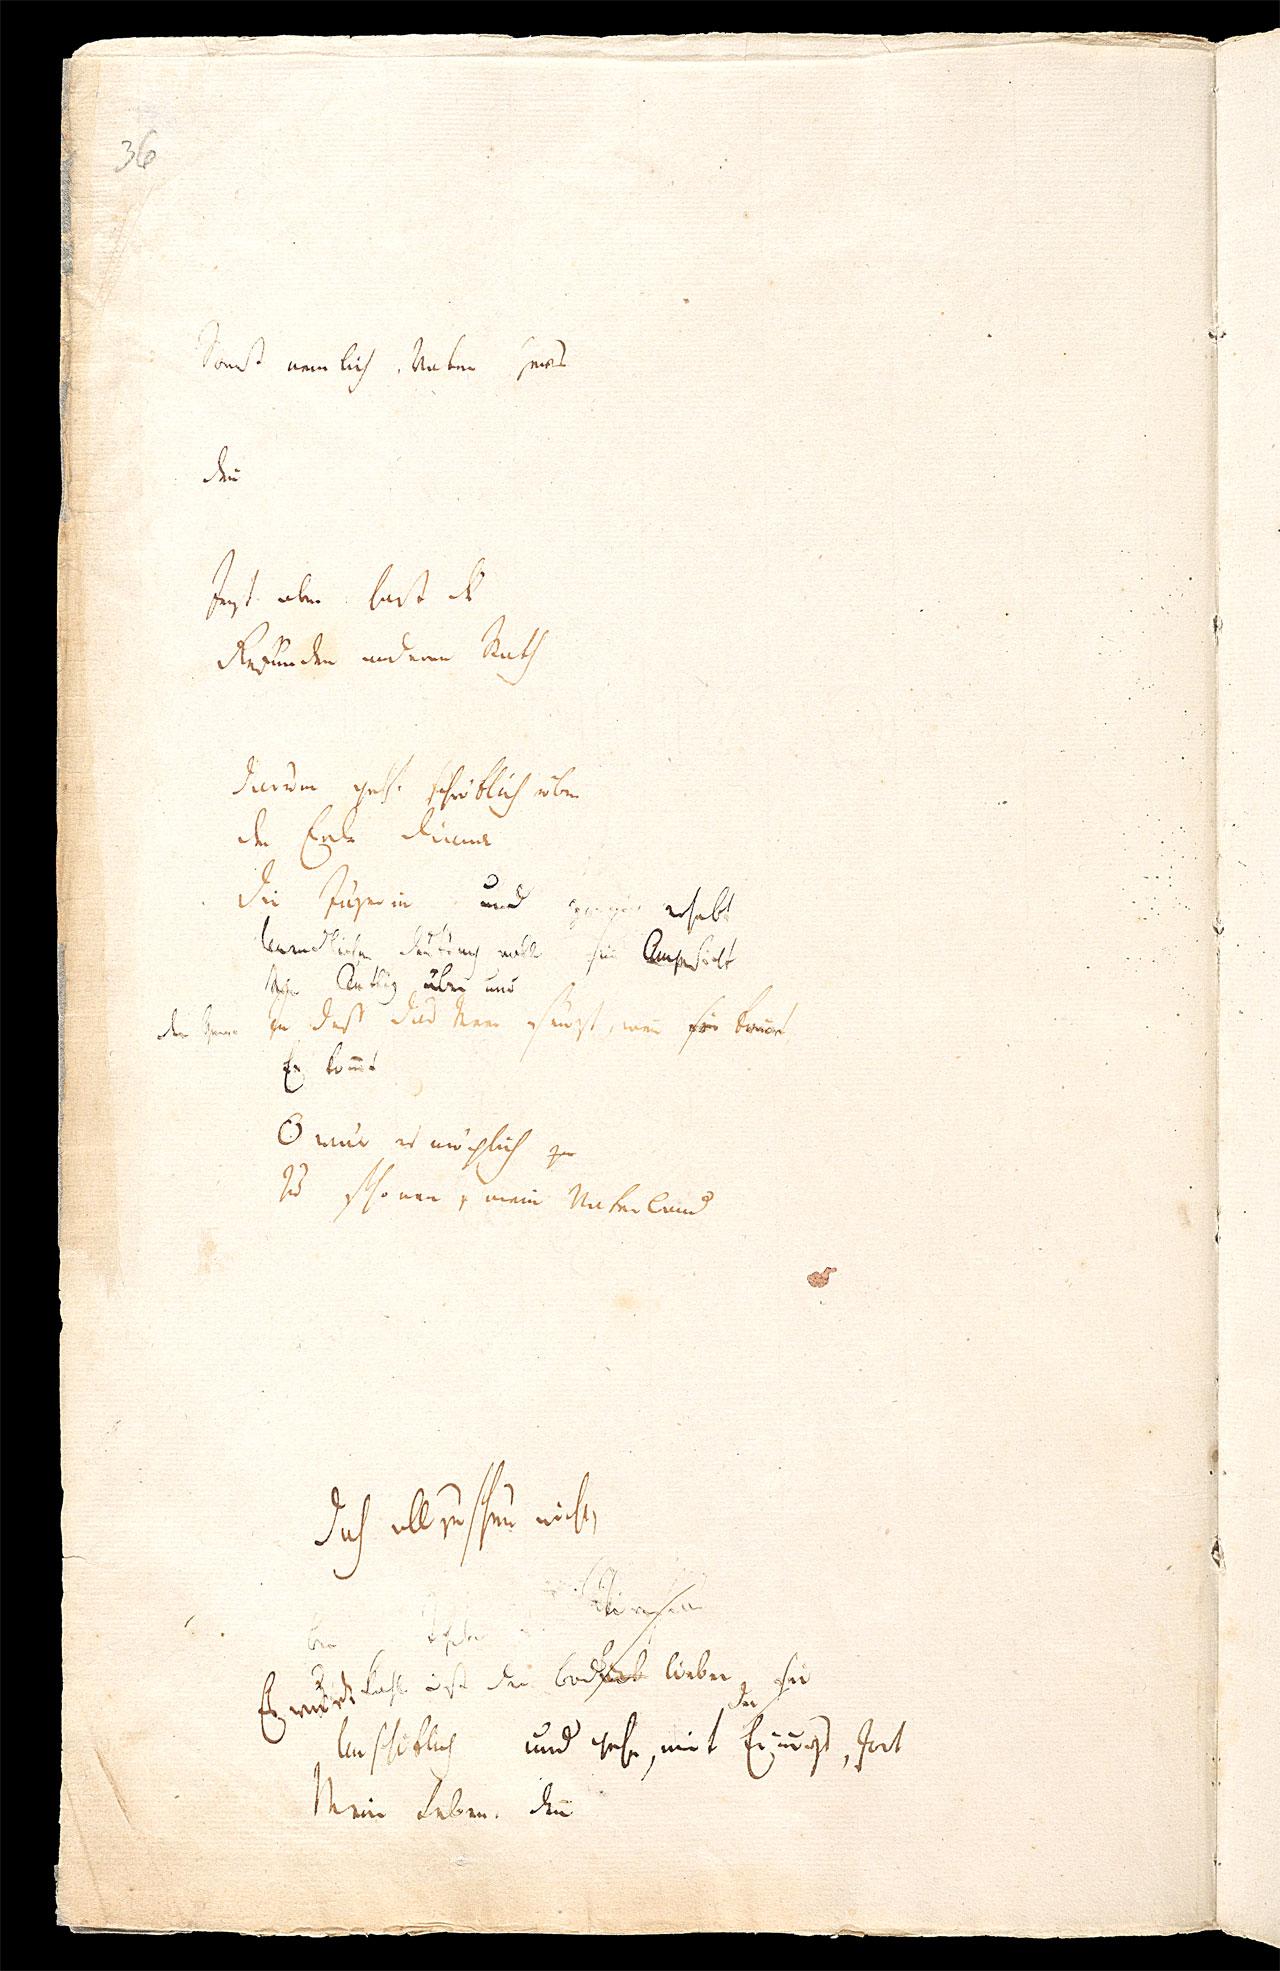 Friedrich Hölderlin, Homburger Folioheft, Seite 36, Sonst nemlich, Vater Zevs…, Handschrift